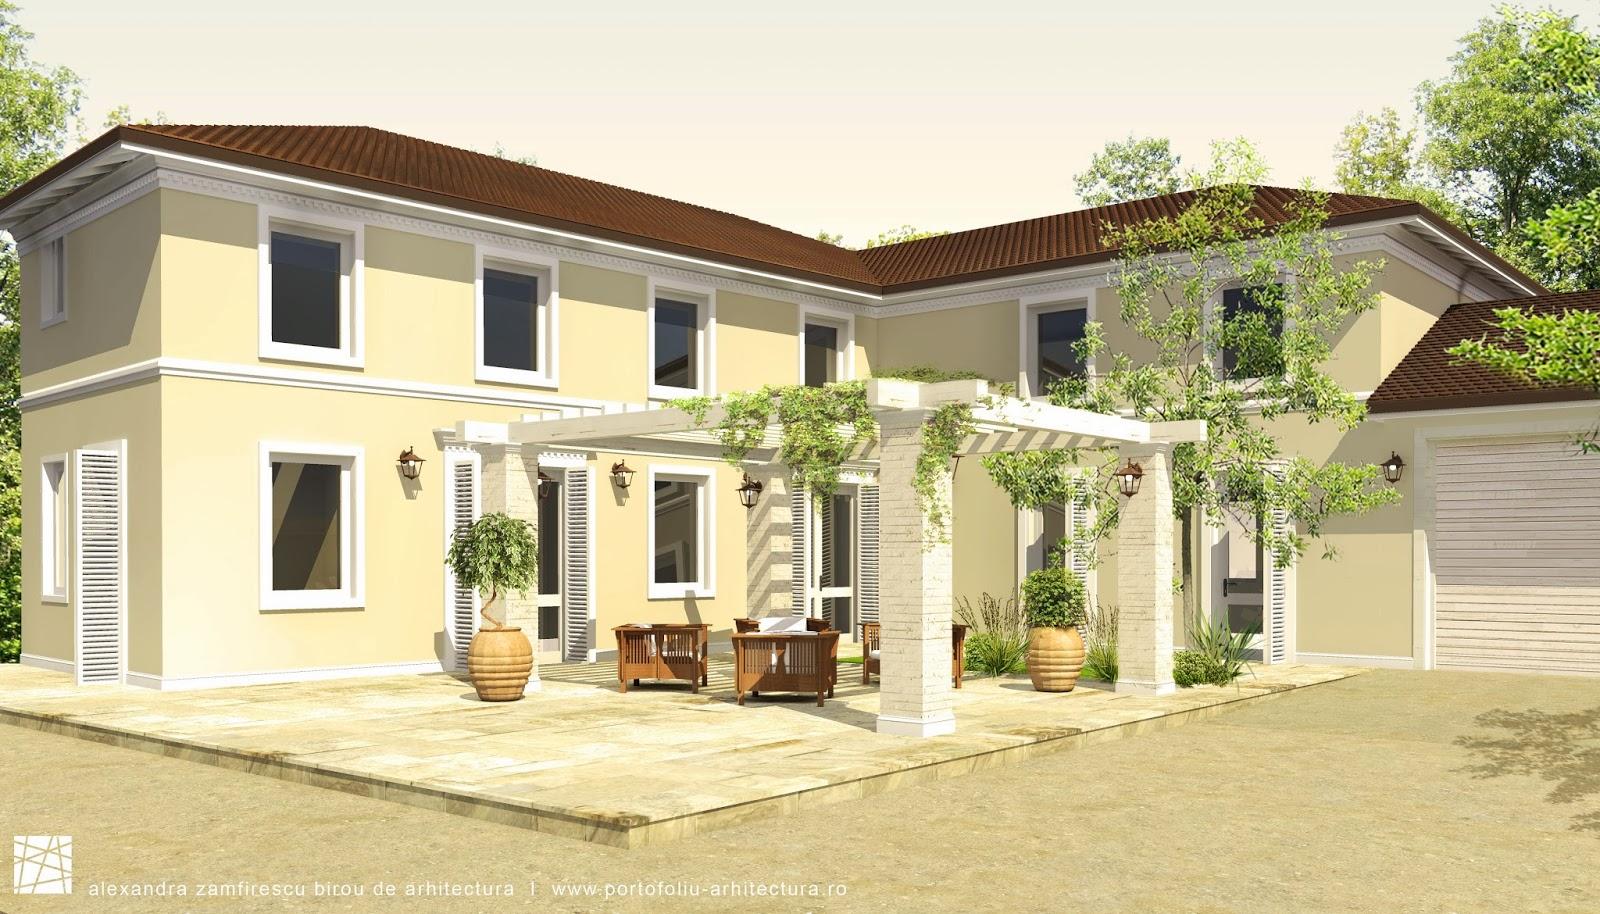 Propunere de design clasic pentru fatada unei constructii for Design exterior fatade case